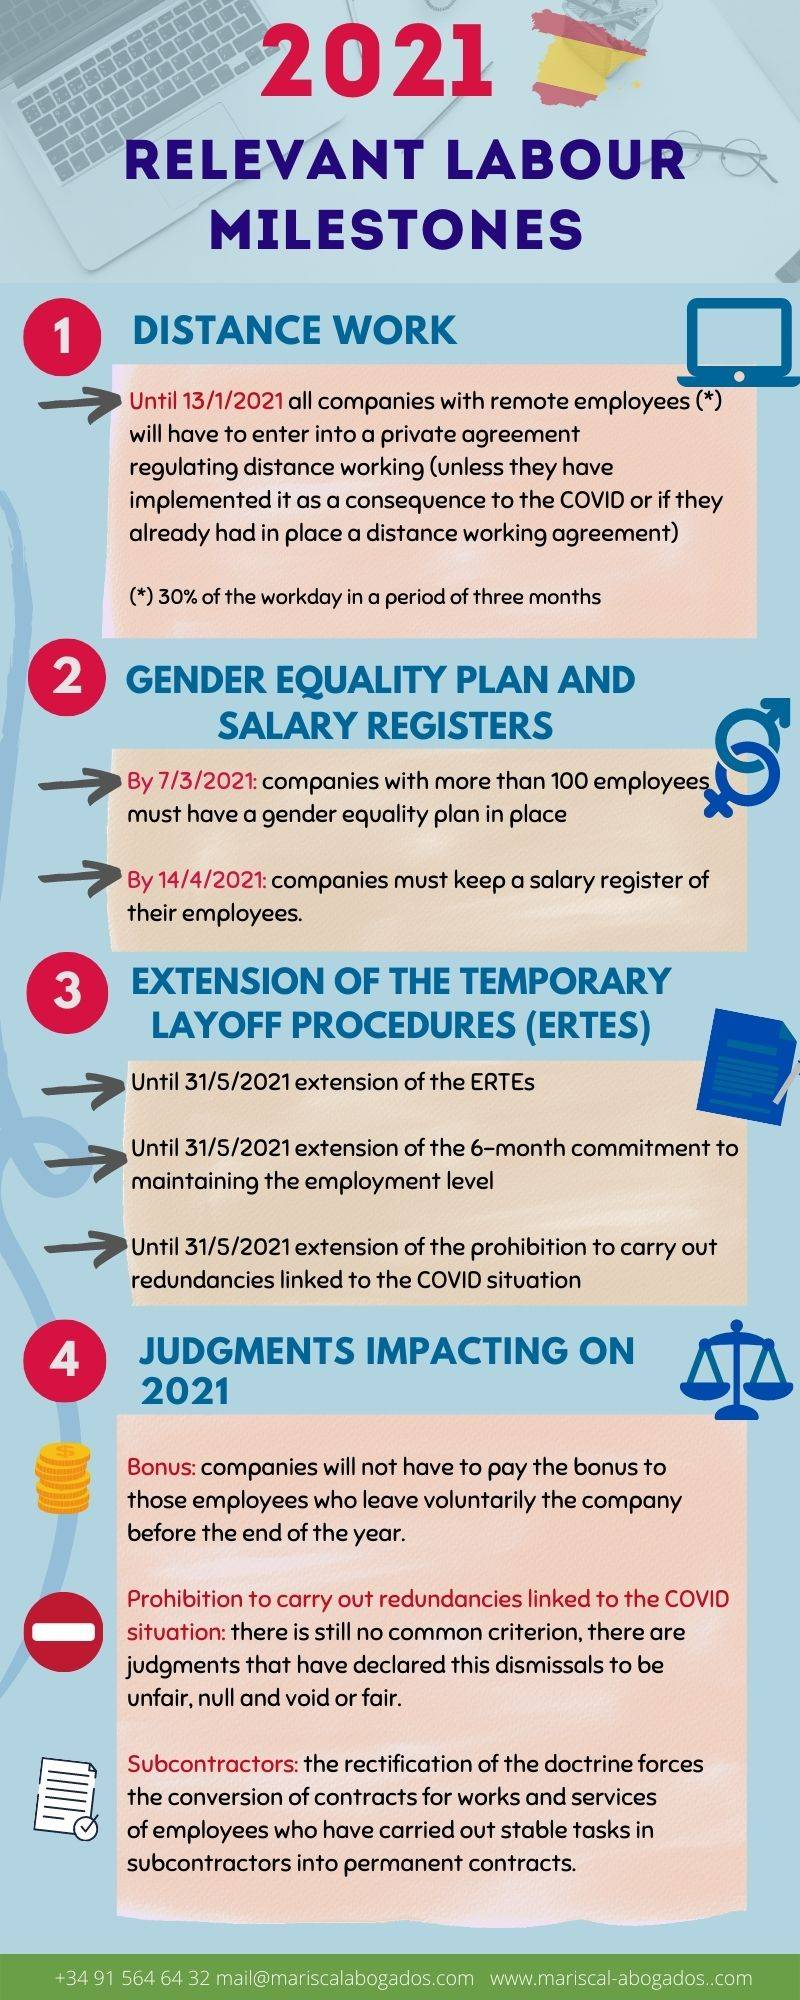 Labour milestones Spain 2021